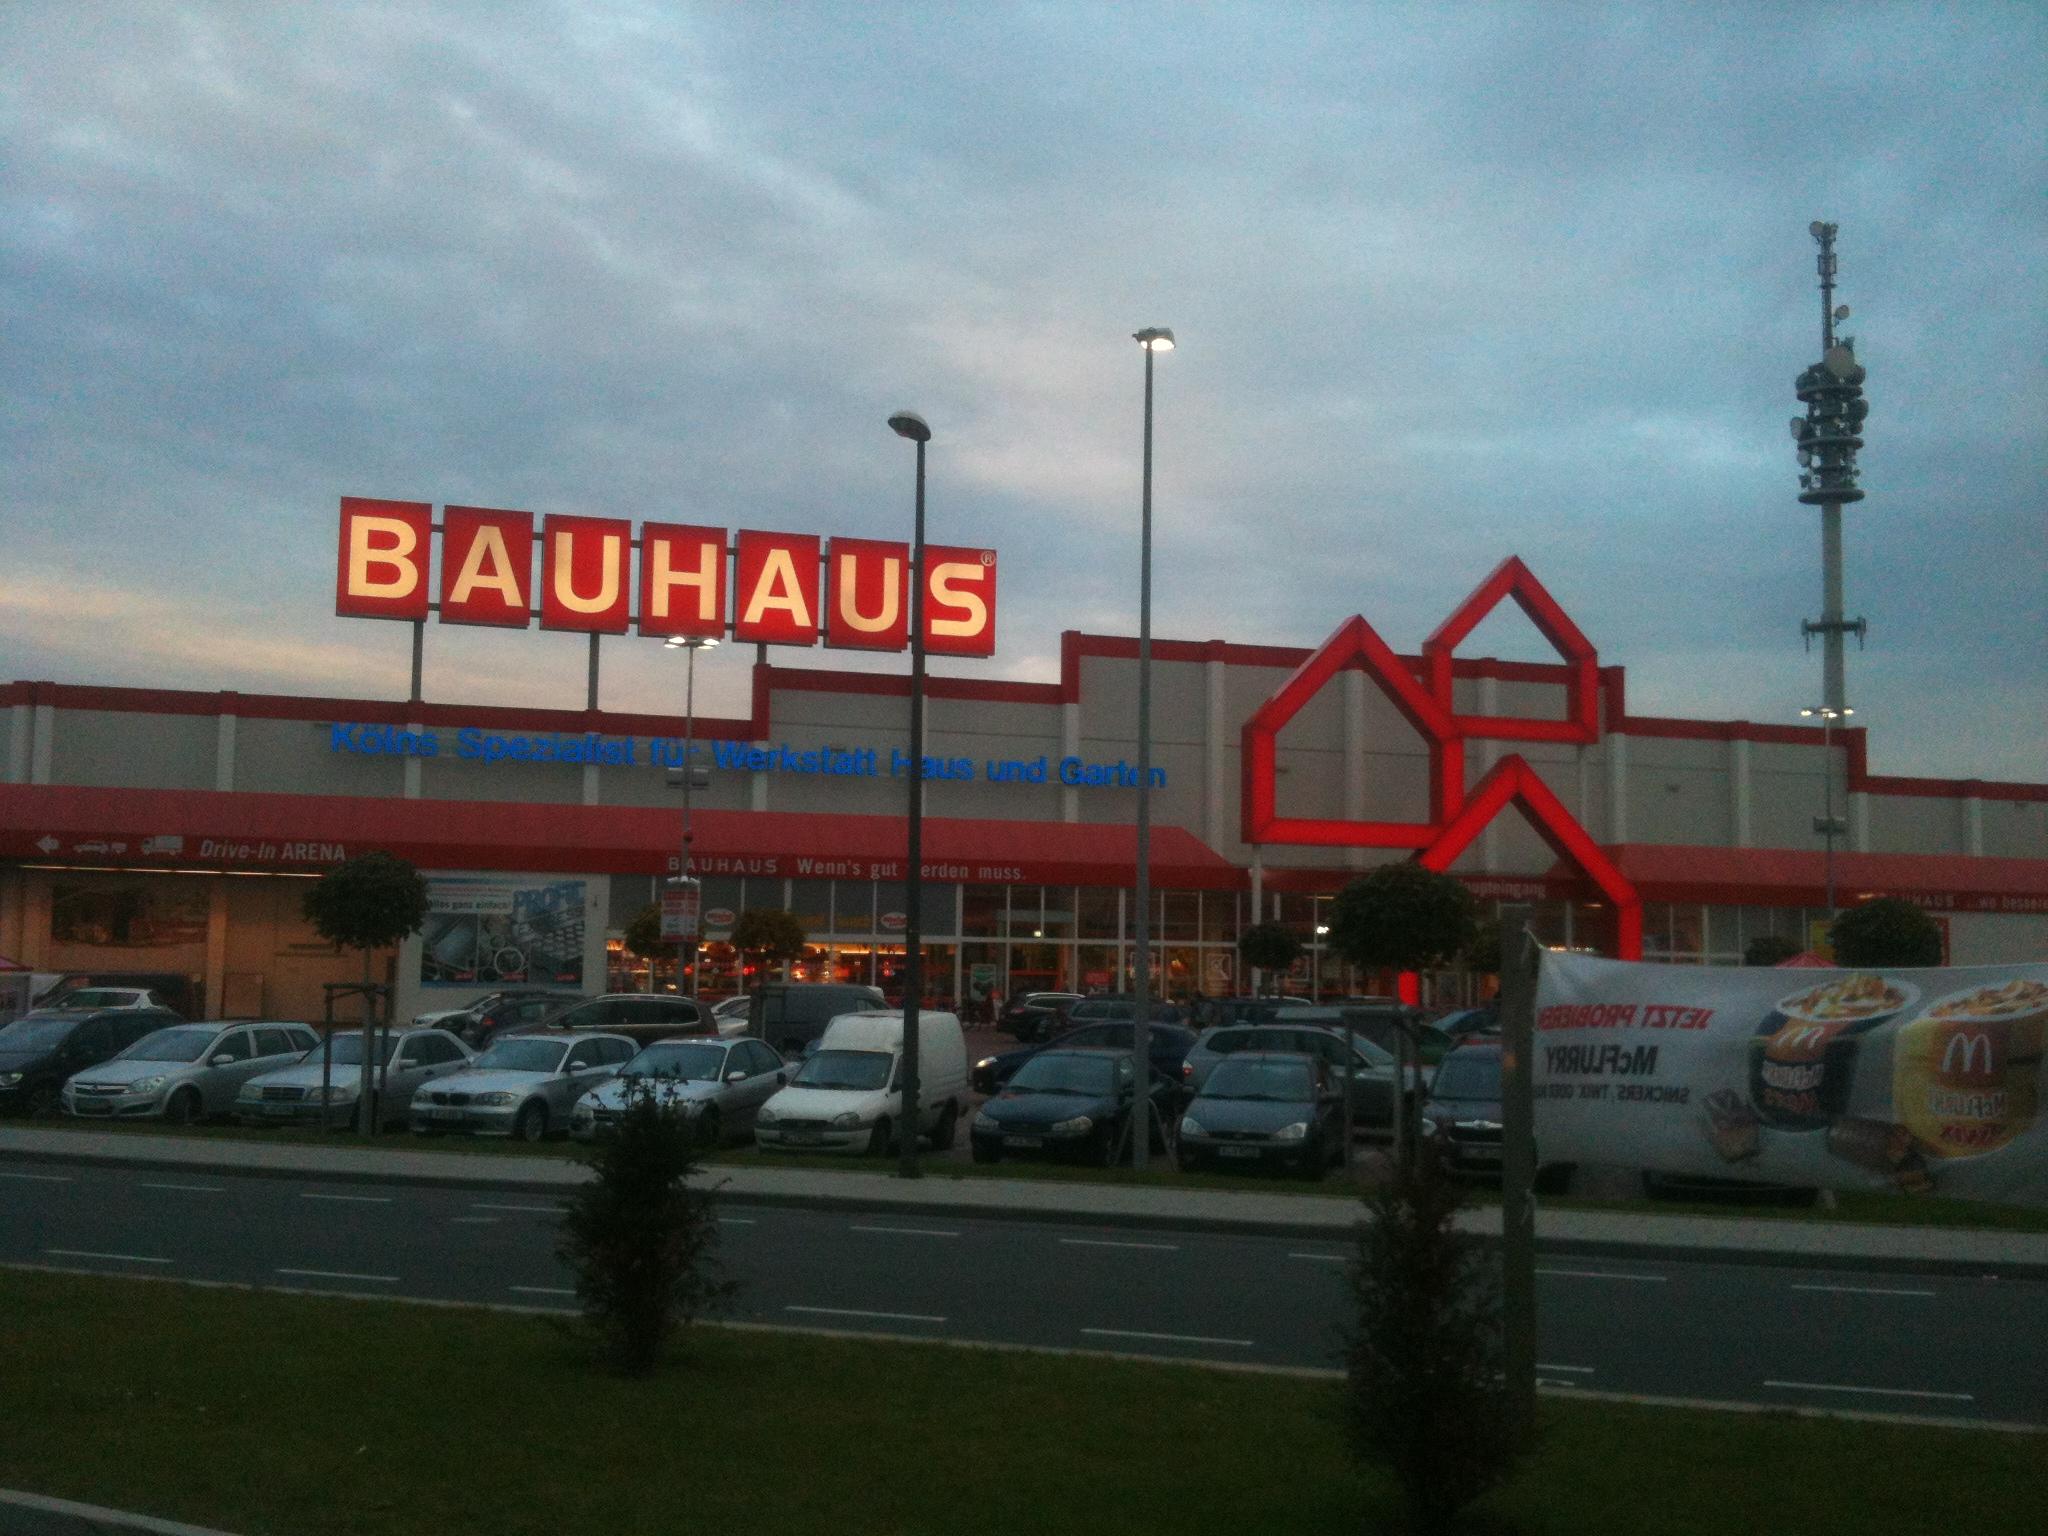 Bauhaus Gmbh Co Kg 51103 Koln Kalk Offnungszeiten Adresse